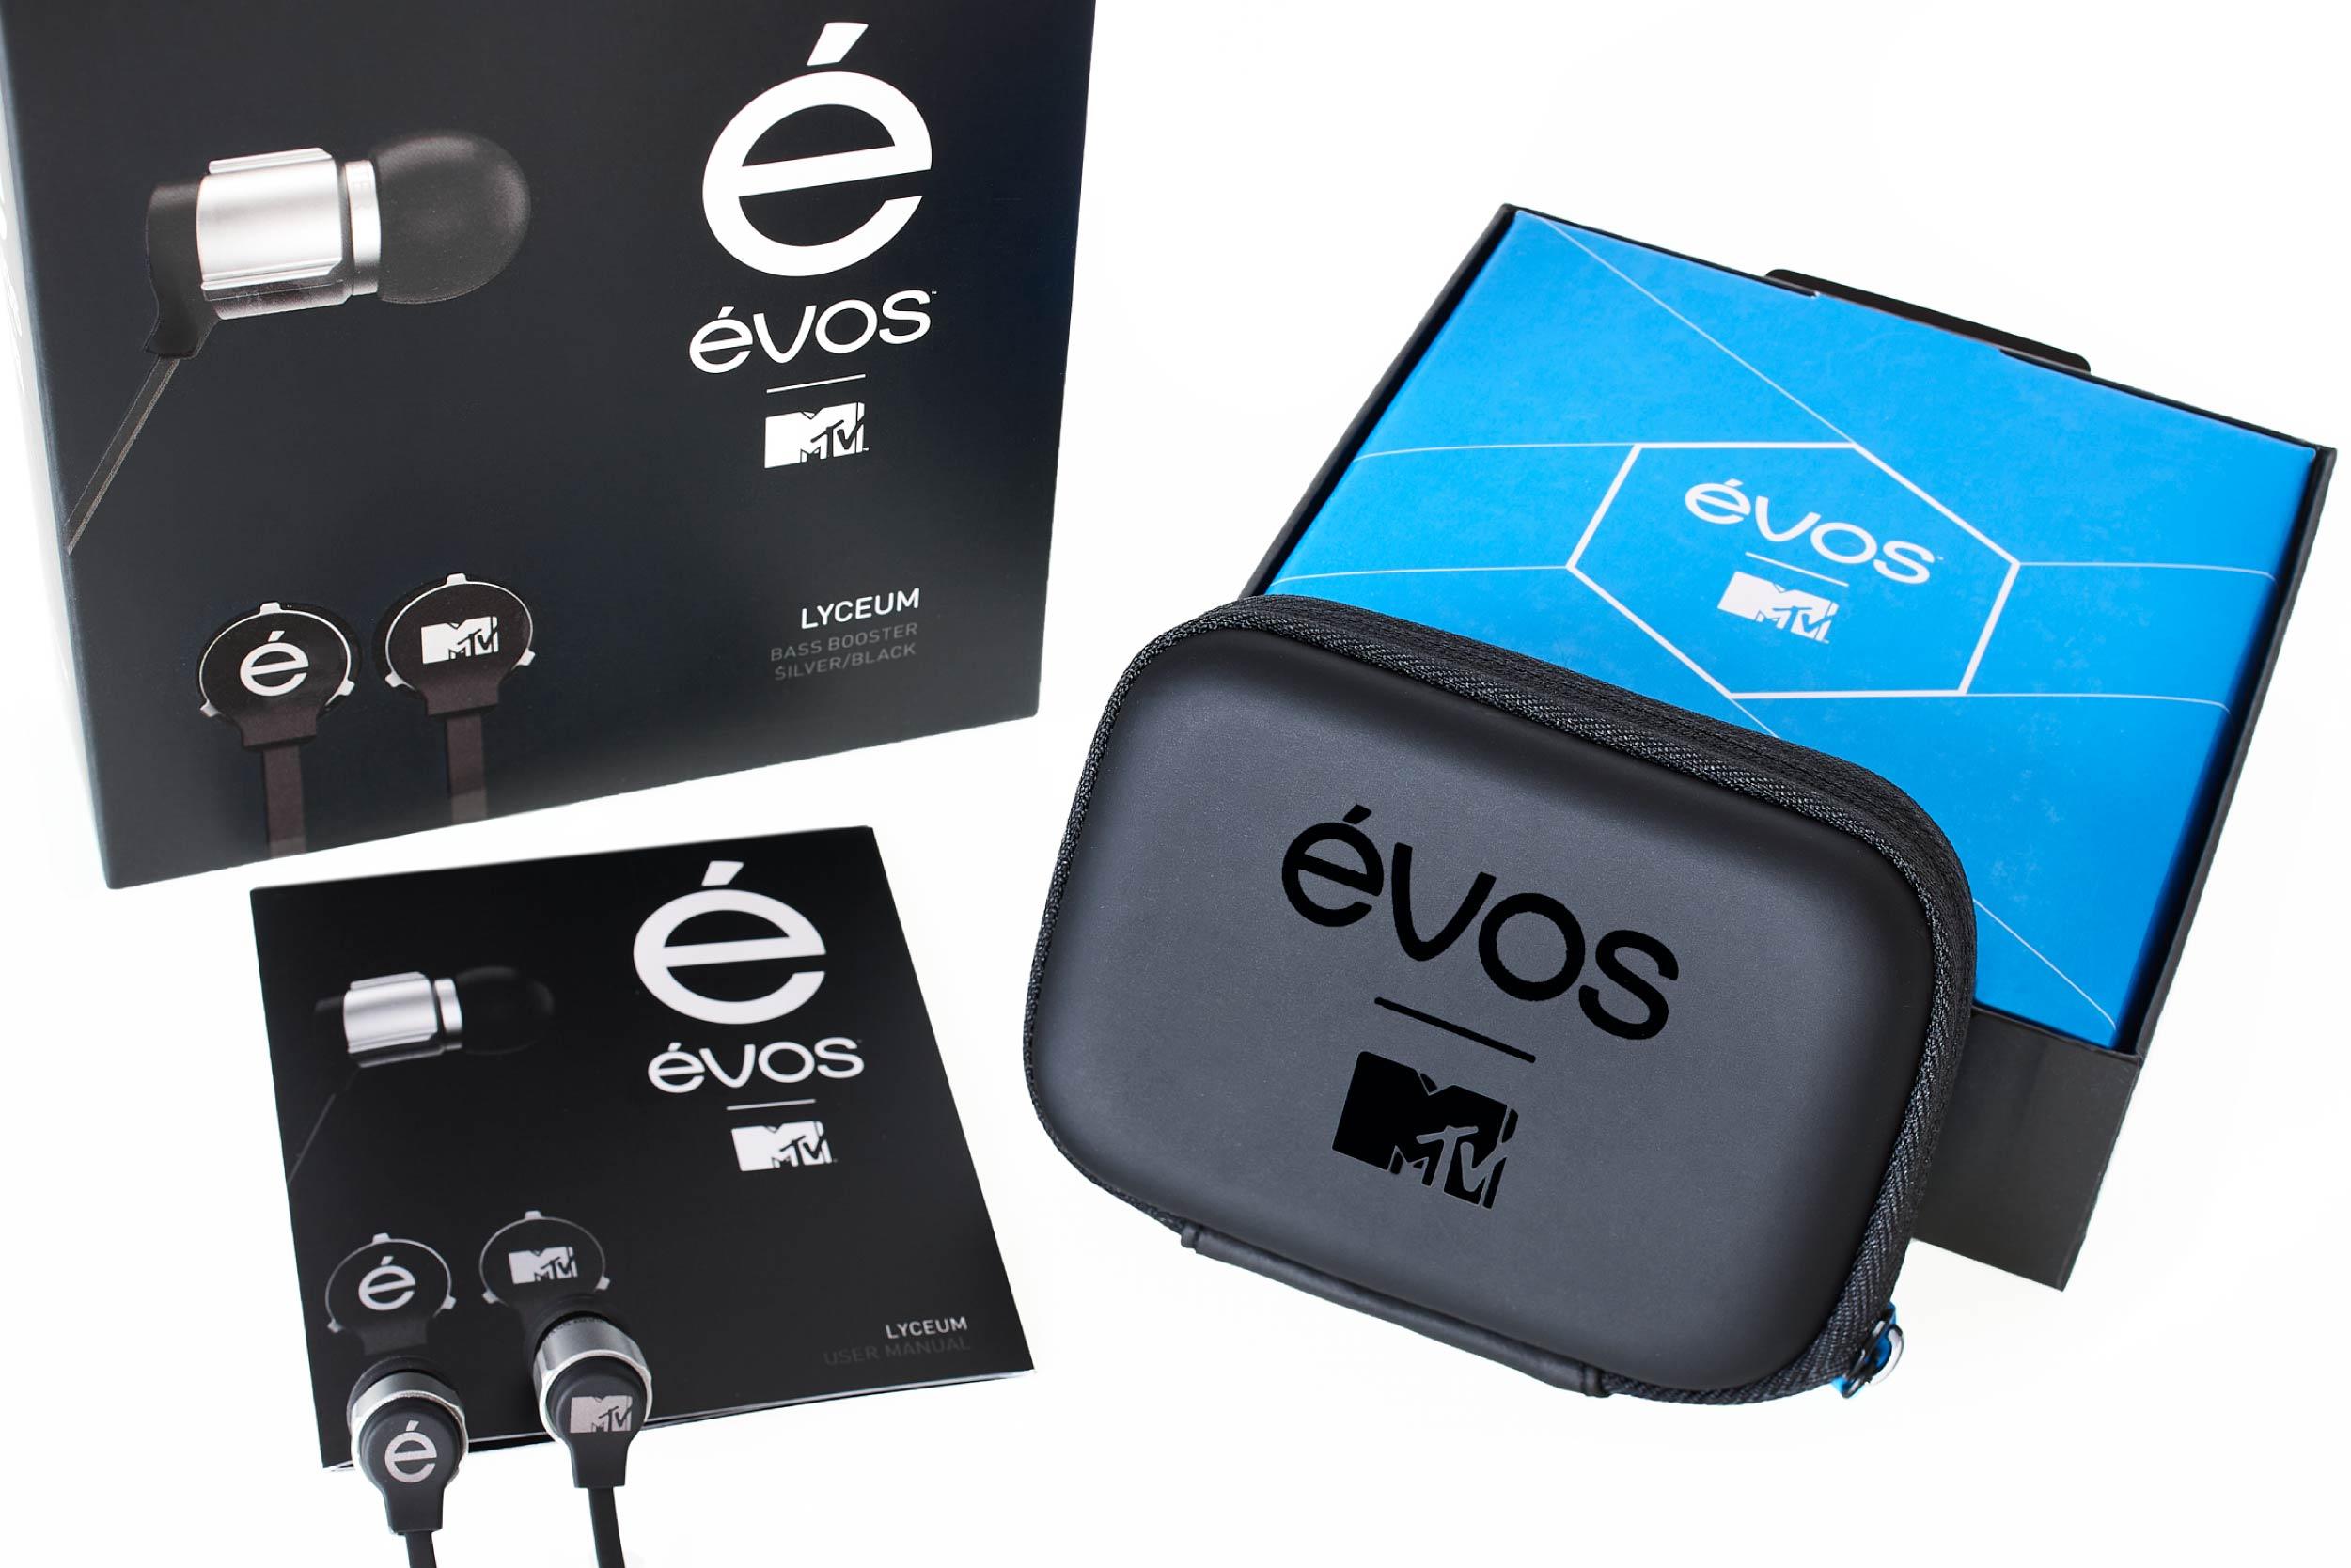 EVOS-9